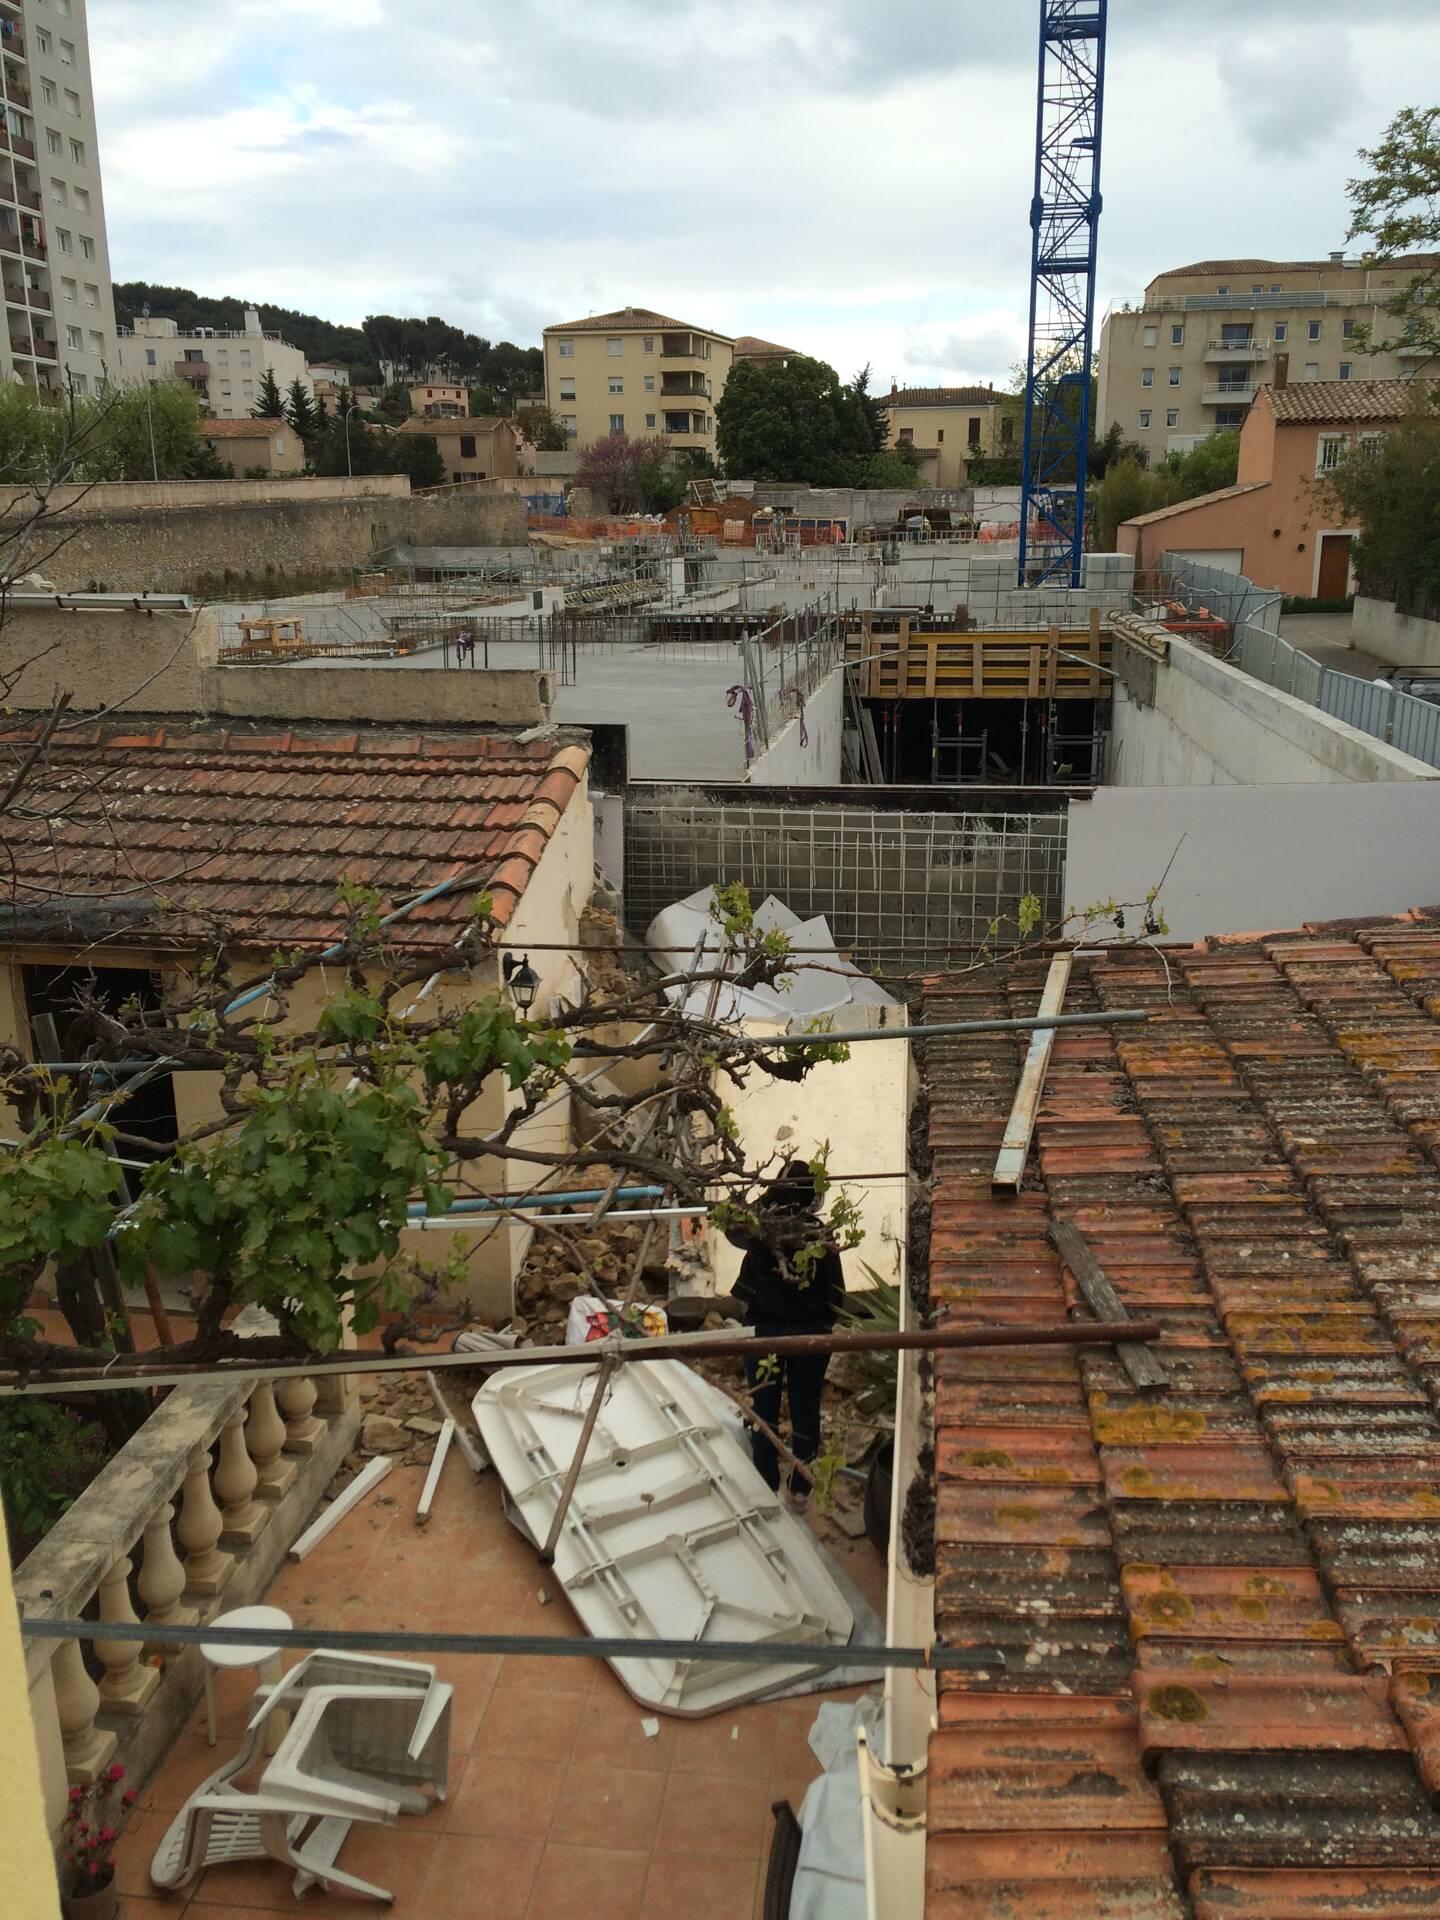 Depuis l'étage de la maison, on mesure la proximité du chantier, juste derrière le mur de séparation qui a cédé.